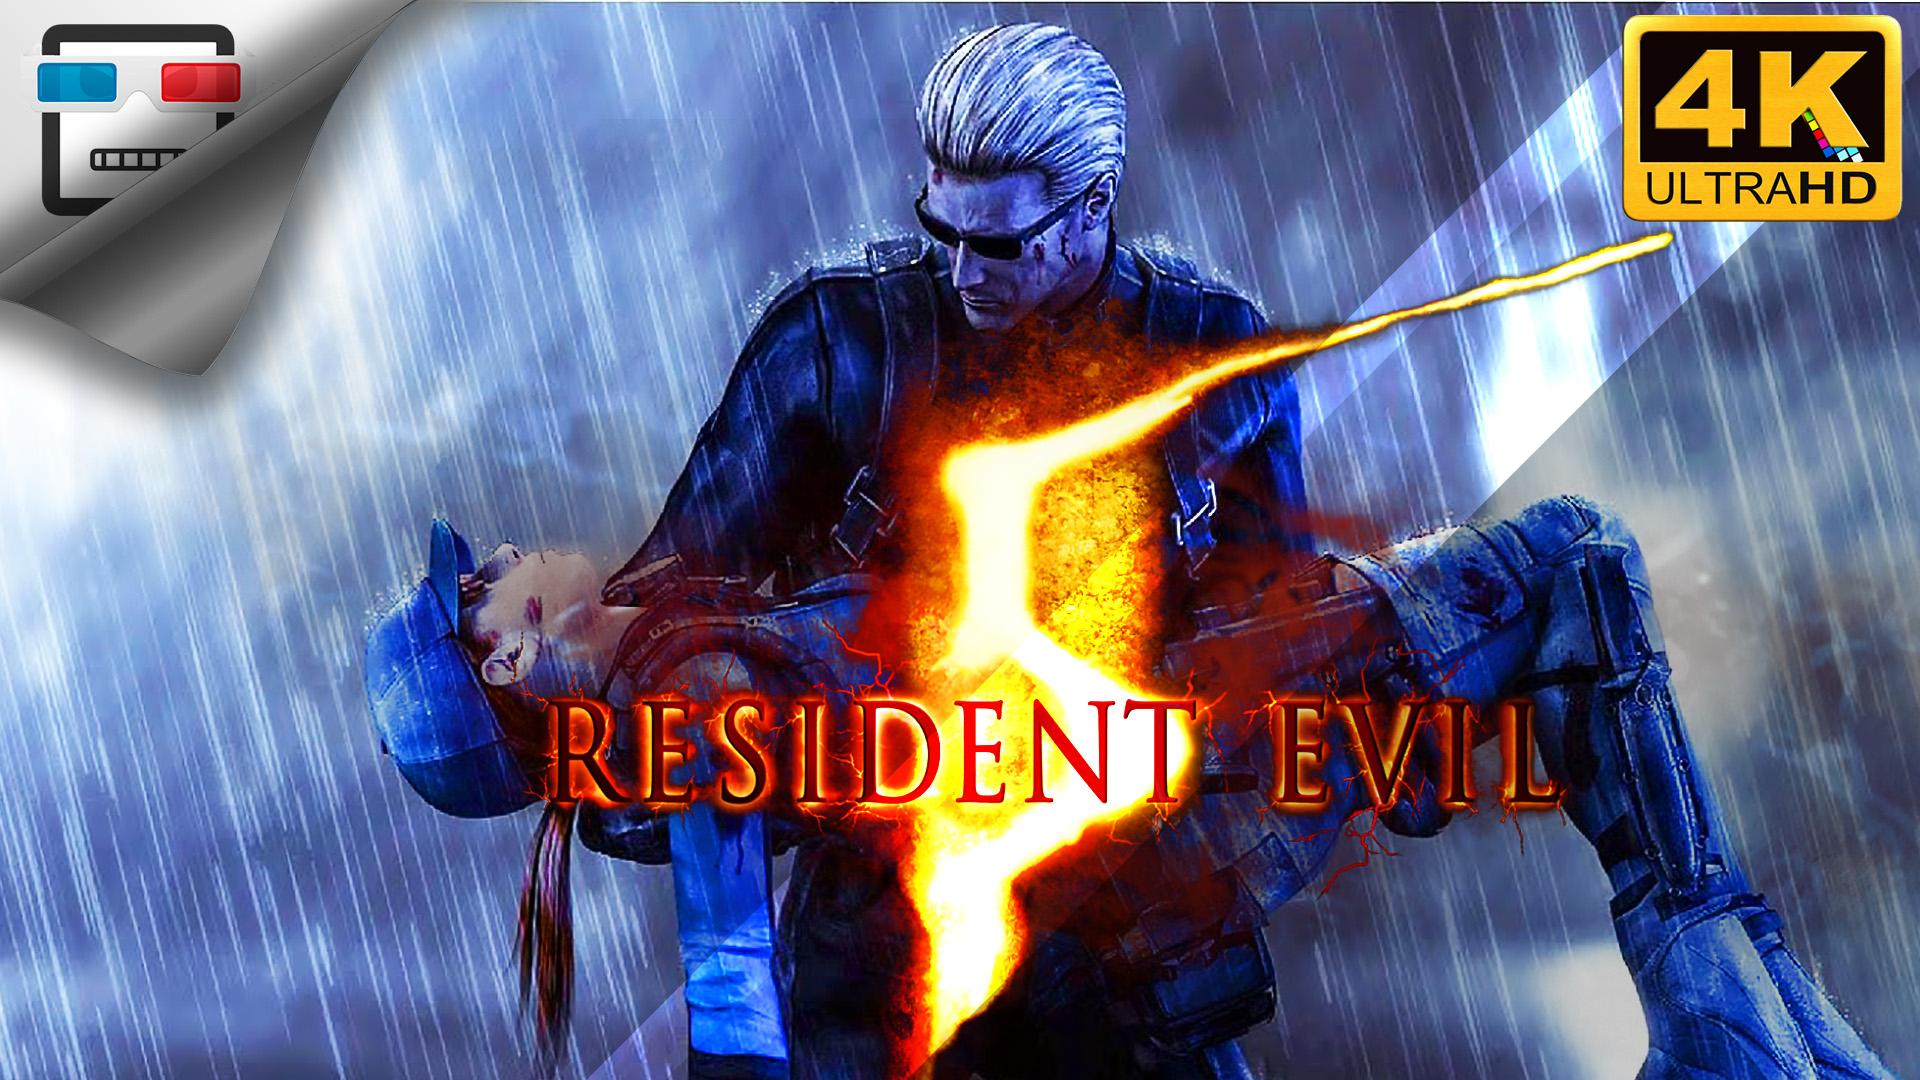 Обитель зла 5 русская озвучка Resident Evil 5 ИГРОФИЛЬМ 18+ 4K 60FPS Сюжет ужасы фантастика